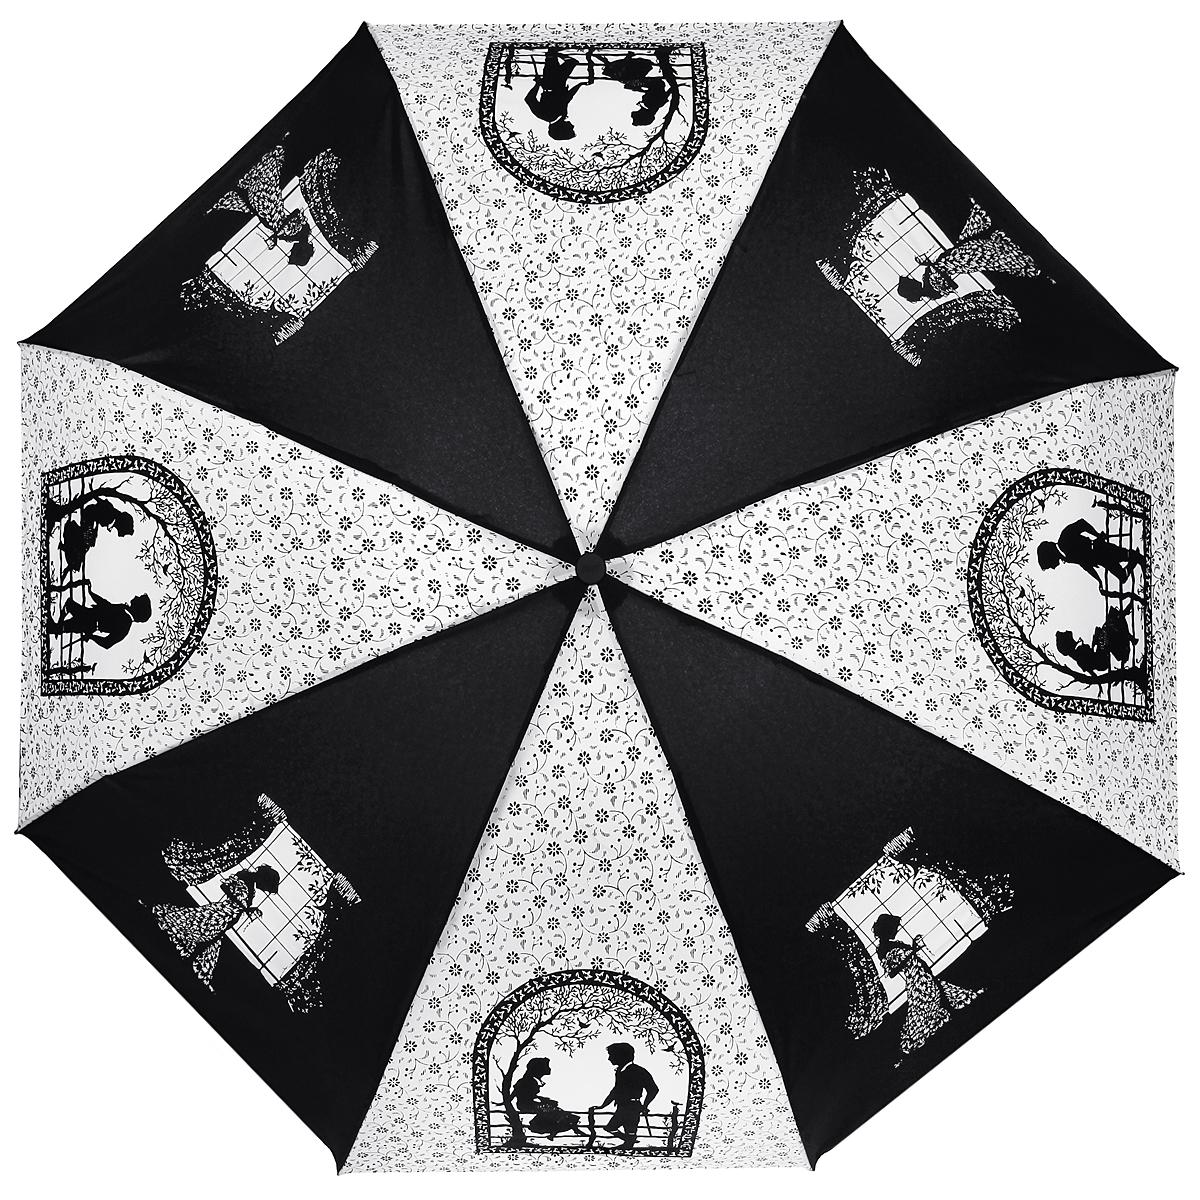 Зонт женский Zest, автомат, 4 сложения, цвет: черный, белый. 24759-40824759-408Элегантный автоматический зонт Zest в 4 сложения изготовлен из высокопрочных материалов. Каркас зонта состоит из 8 спиц и прочного алюминиевого стержня. Специальная система Windproof защищает его от поломок во время сильных порывов ветра. Купол зонта выполнен из прочного полиэстера с водоотталкивающей пропиткой и оформлен узором в мелкий цветочек, а также изображением силуэтов молодых людей на свидании, девушки перед окном. Используемые высококачественные красители обеспечивают длительное сохранение свойств ткани купола. Рукоятка, разработанная с учетом требований эргономики, выполнена из пластика. Зонт имеет полный автоматический механизм сложения: купол открывается и закрывается нажатием кнопки на рукоятке, стержень складывается вручную до характерного щелчка. Благодаря этому открыть и закрыть зонт можно одной рукой, что чрезвычайно удобно при входе в транспорт или помещение. Небольшой шнурок, расположенный на рукоятке, позволяет надеть изделие на руку при...